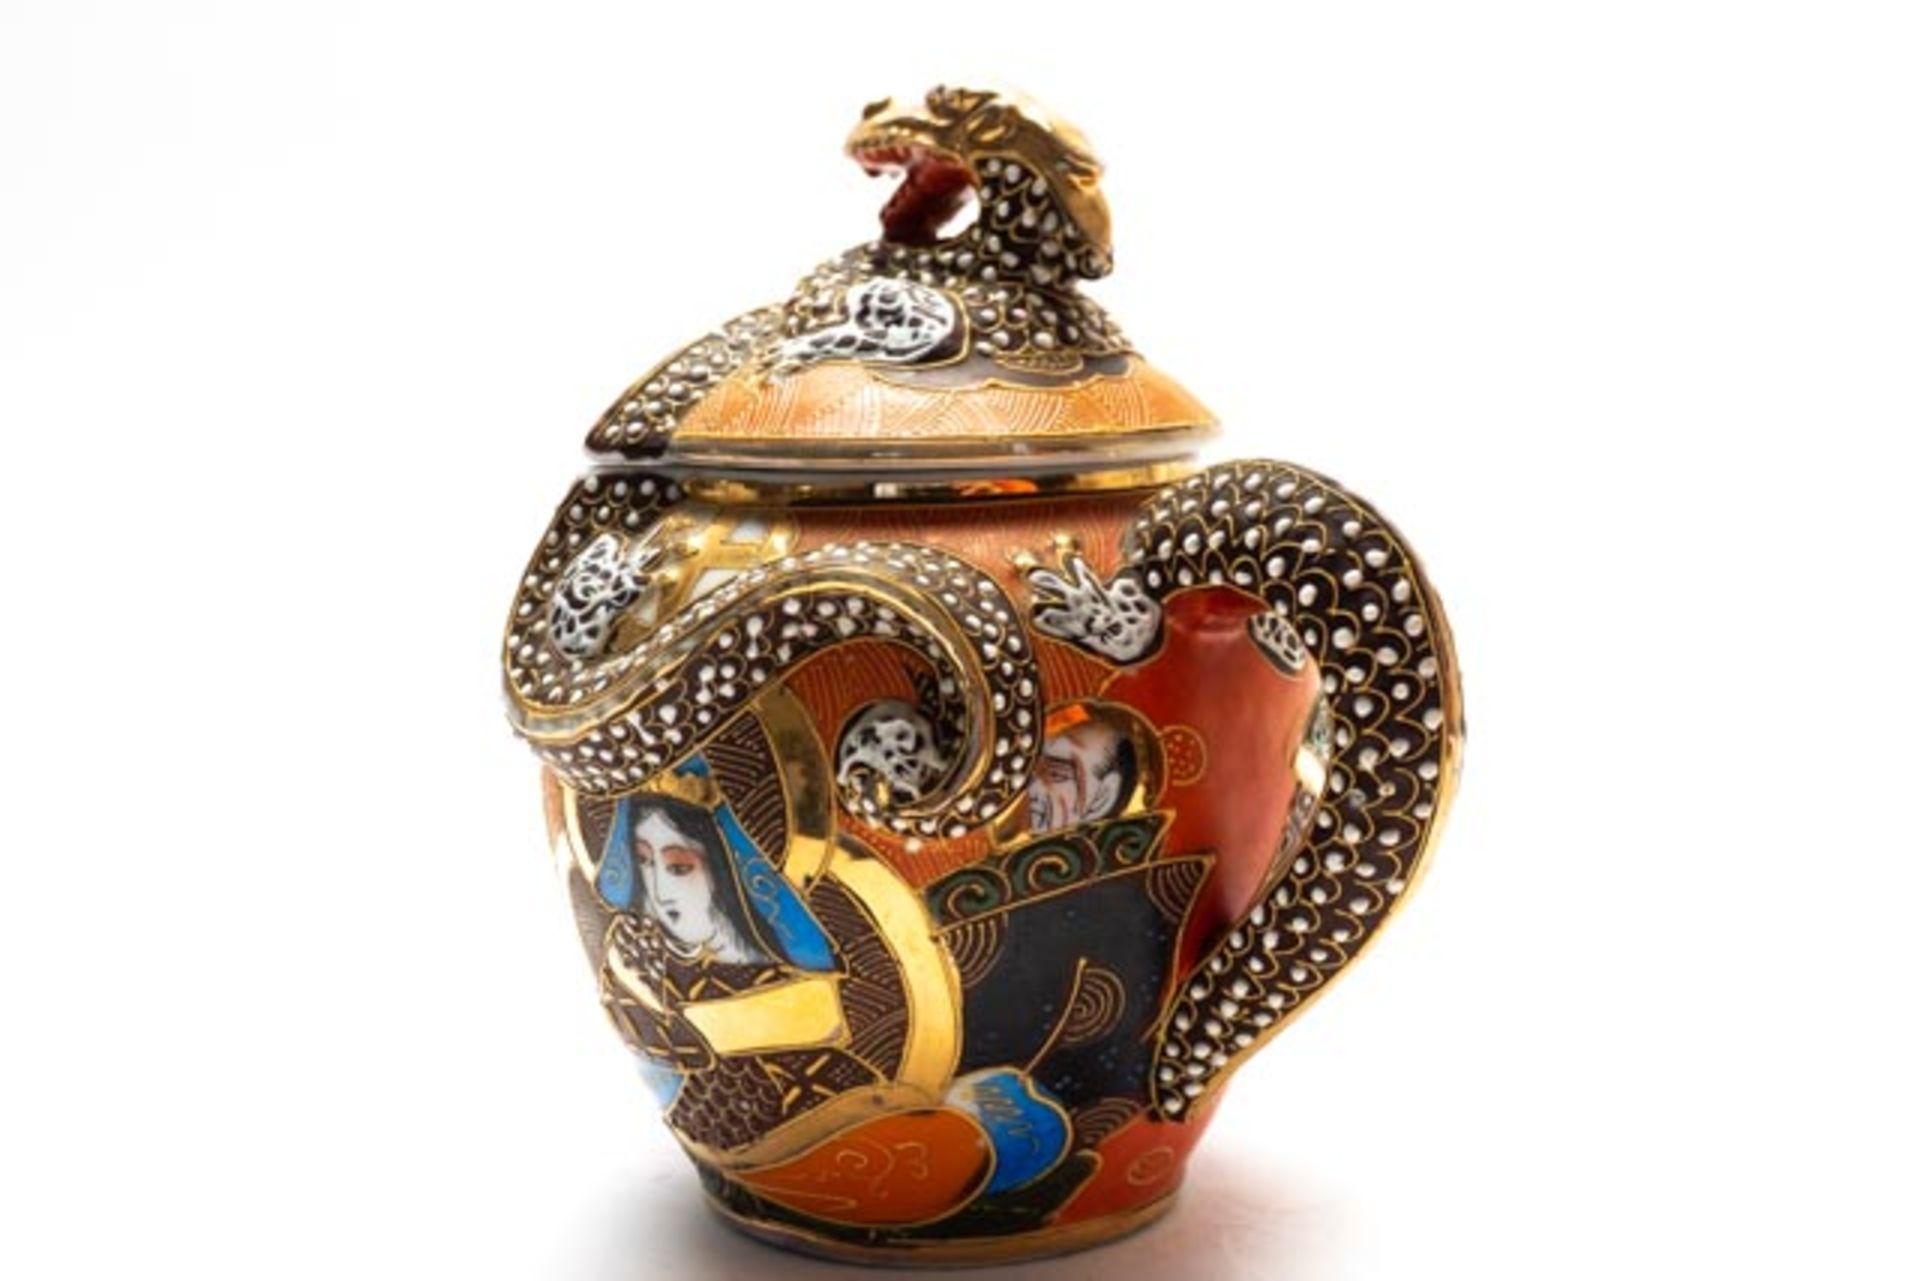 Prunkvolle asiatische Deckeldose - Image 2 of 14